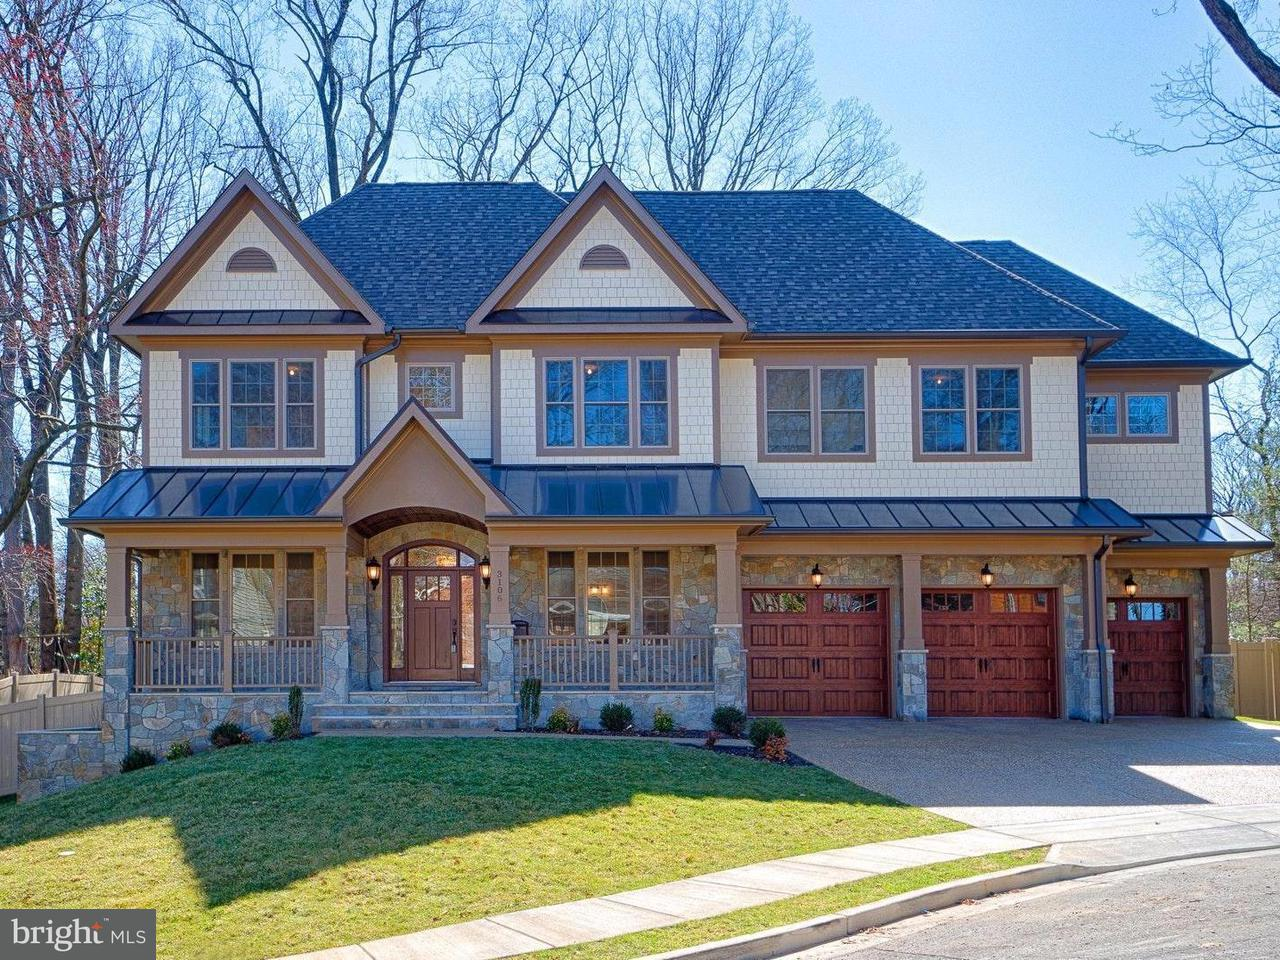 Μονοκατοικία για την Πώληση στο 3106 Taylor Street 3106 Taylor Street Arlington, Βιρτζινια 22207 Ηνωμενεσ Πολιτειεσ